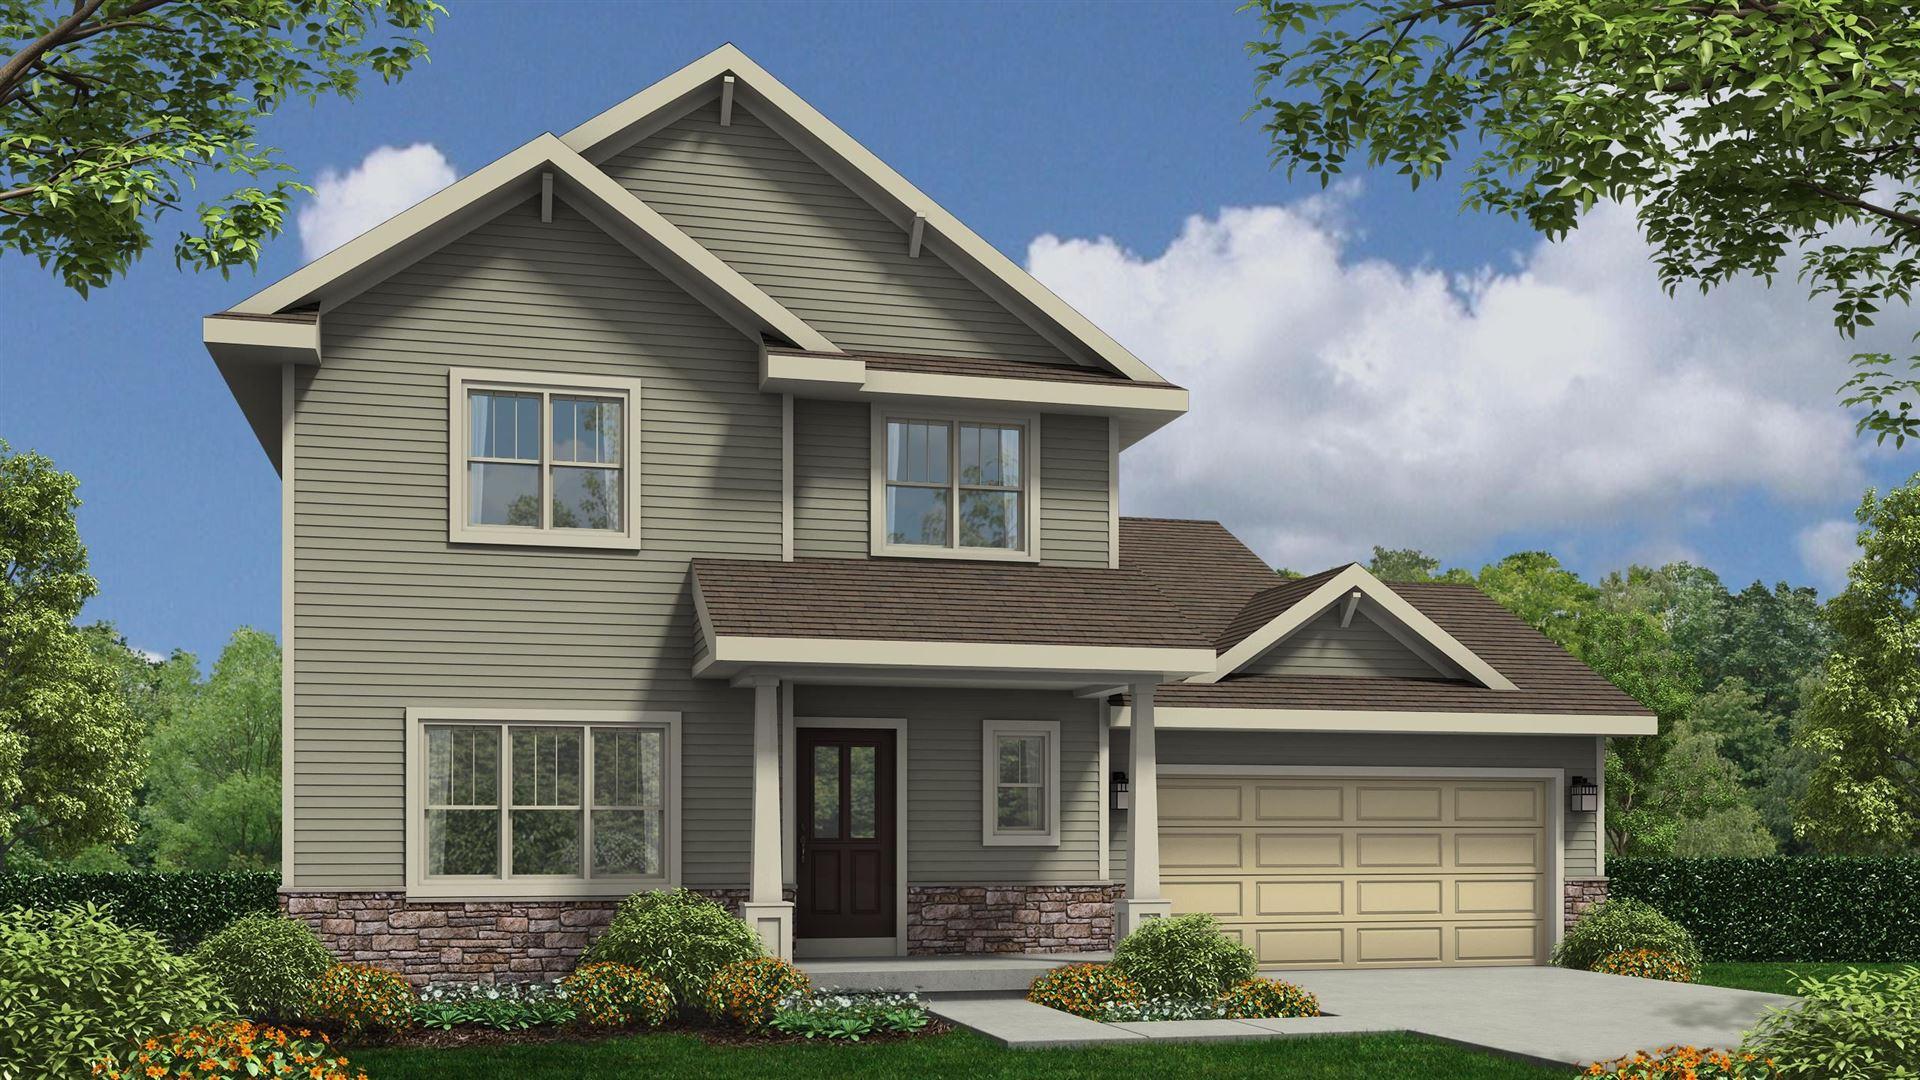 1410 Schoepp Ln, Cross Plains, WI 53528 - #: 1921458